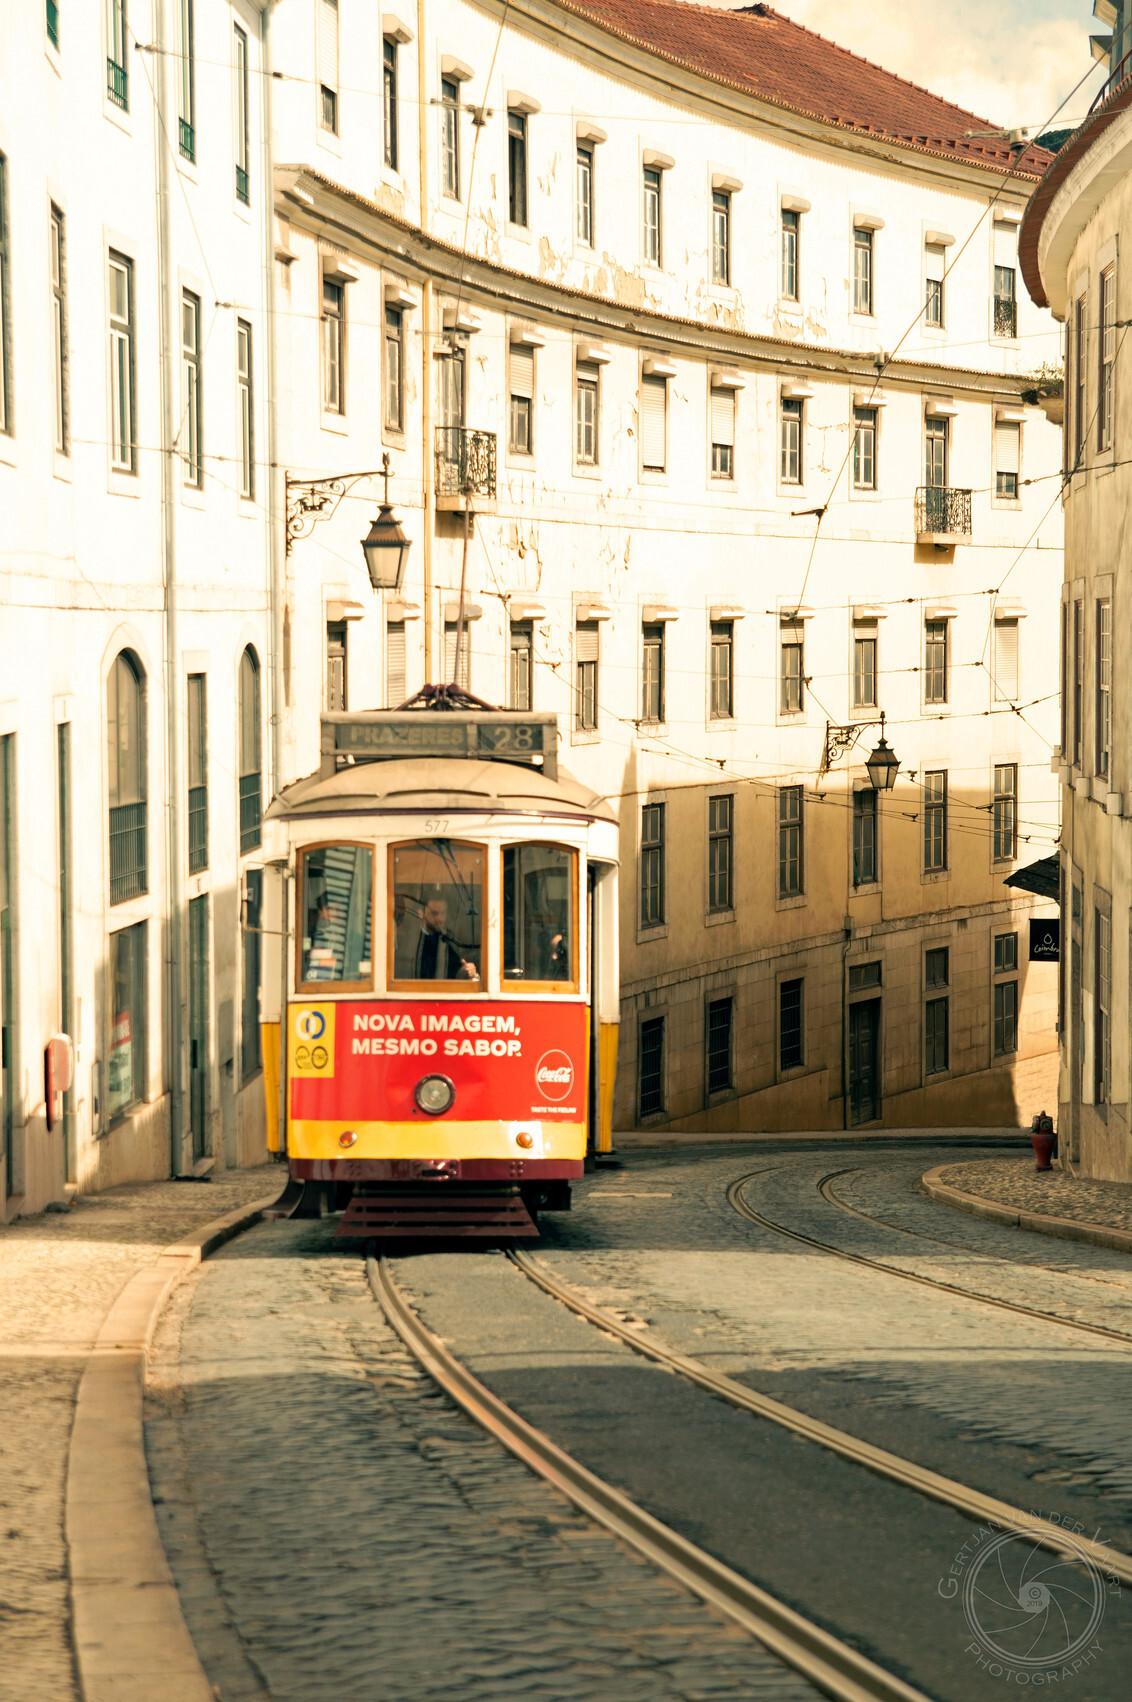 Tram 28 in Lisboa - De beroemde tramlijn 28 in Lisboa - foto door Gertjan68 op 22-11-2020 - deze foto bevat: station, kleur, trein, vakantie, reizen, stad, straatfotografie, reisfotografie, europa